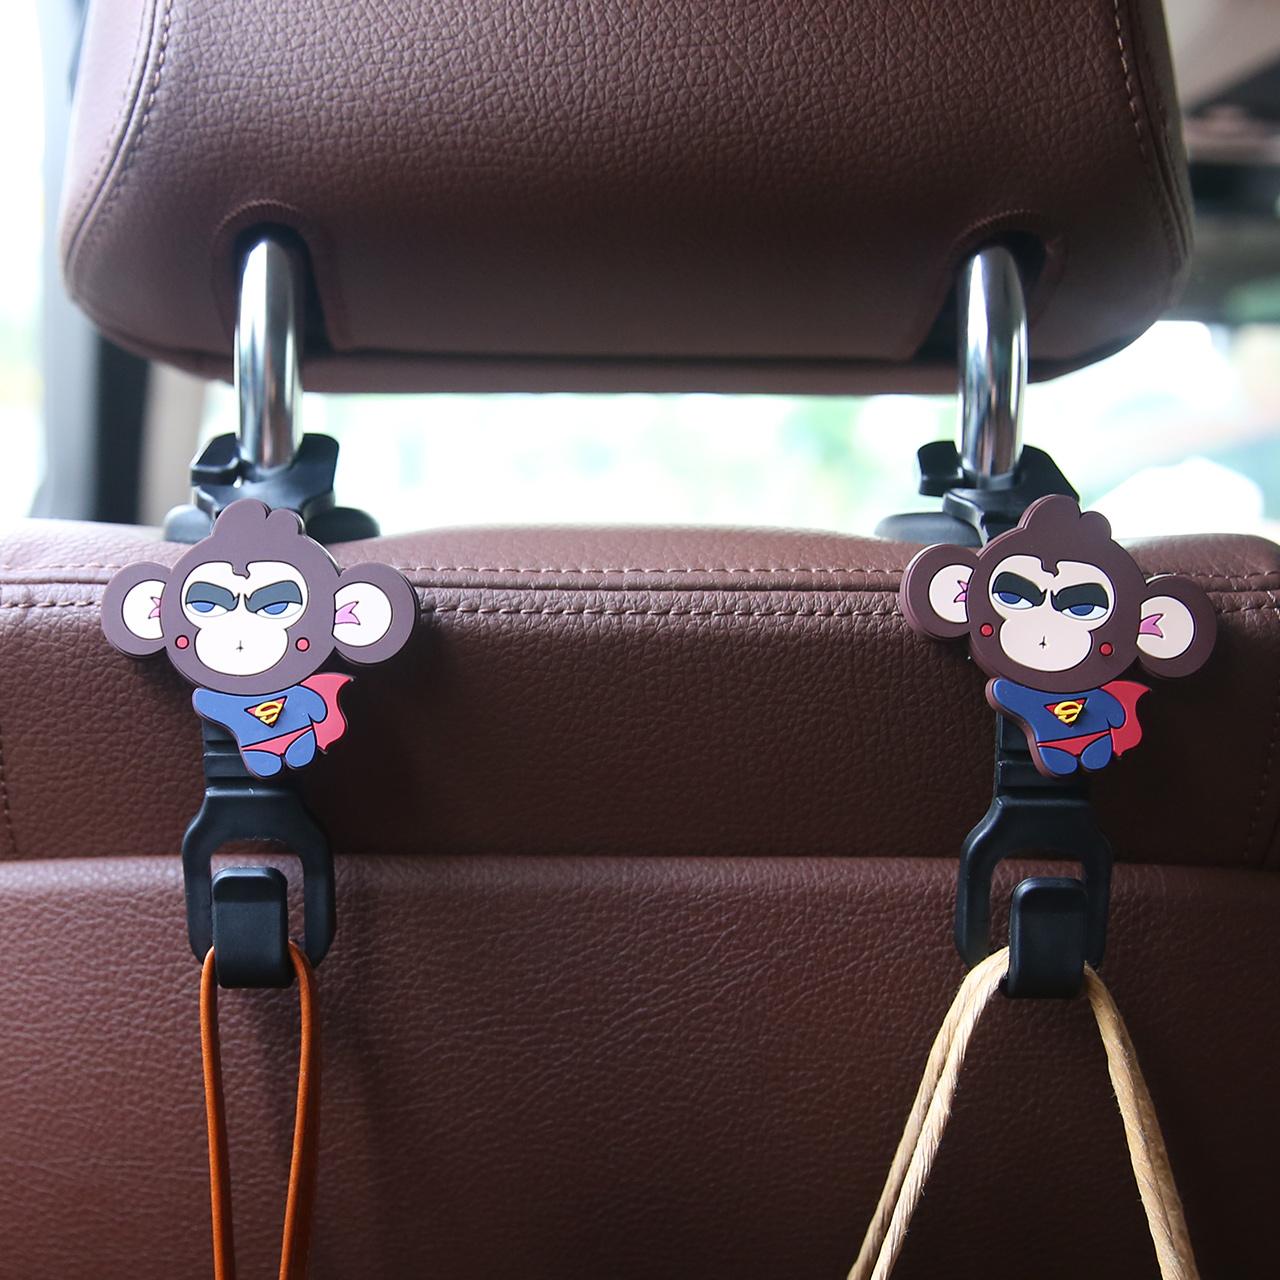 卡里努努椅背多功能车载卡通汽车挂钩车用靠背车内座椅置物钩用品